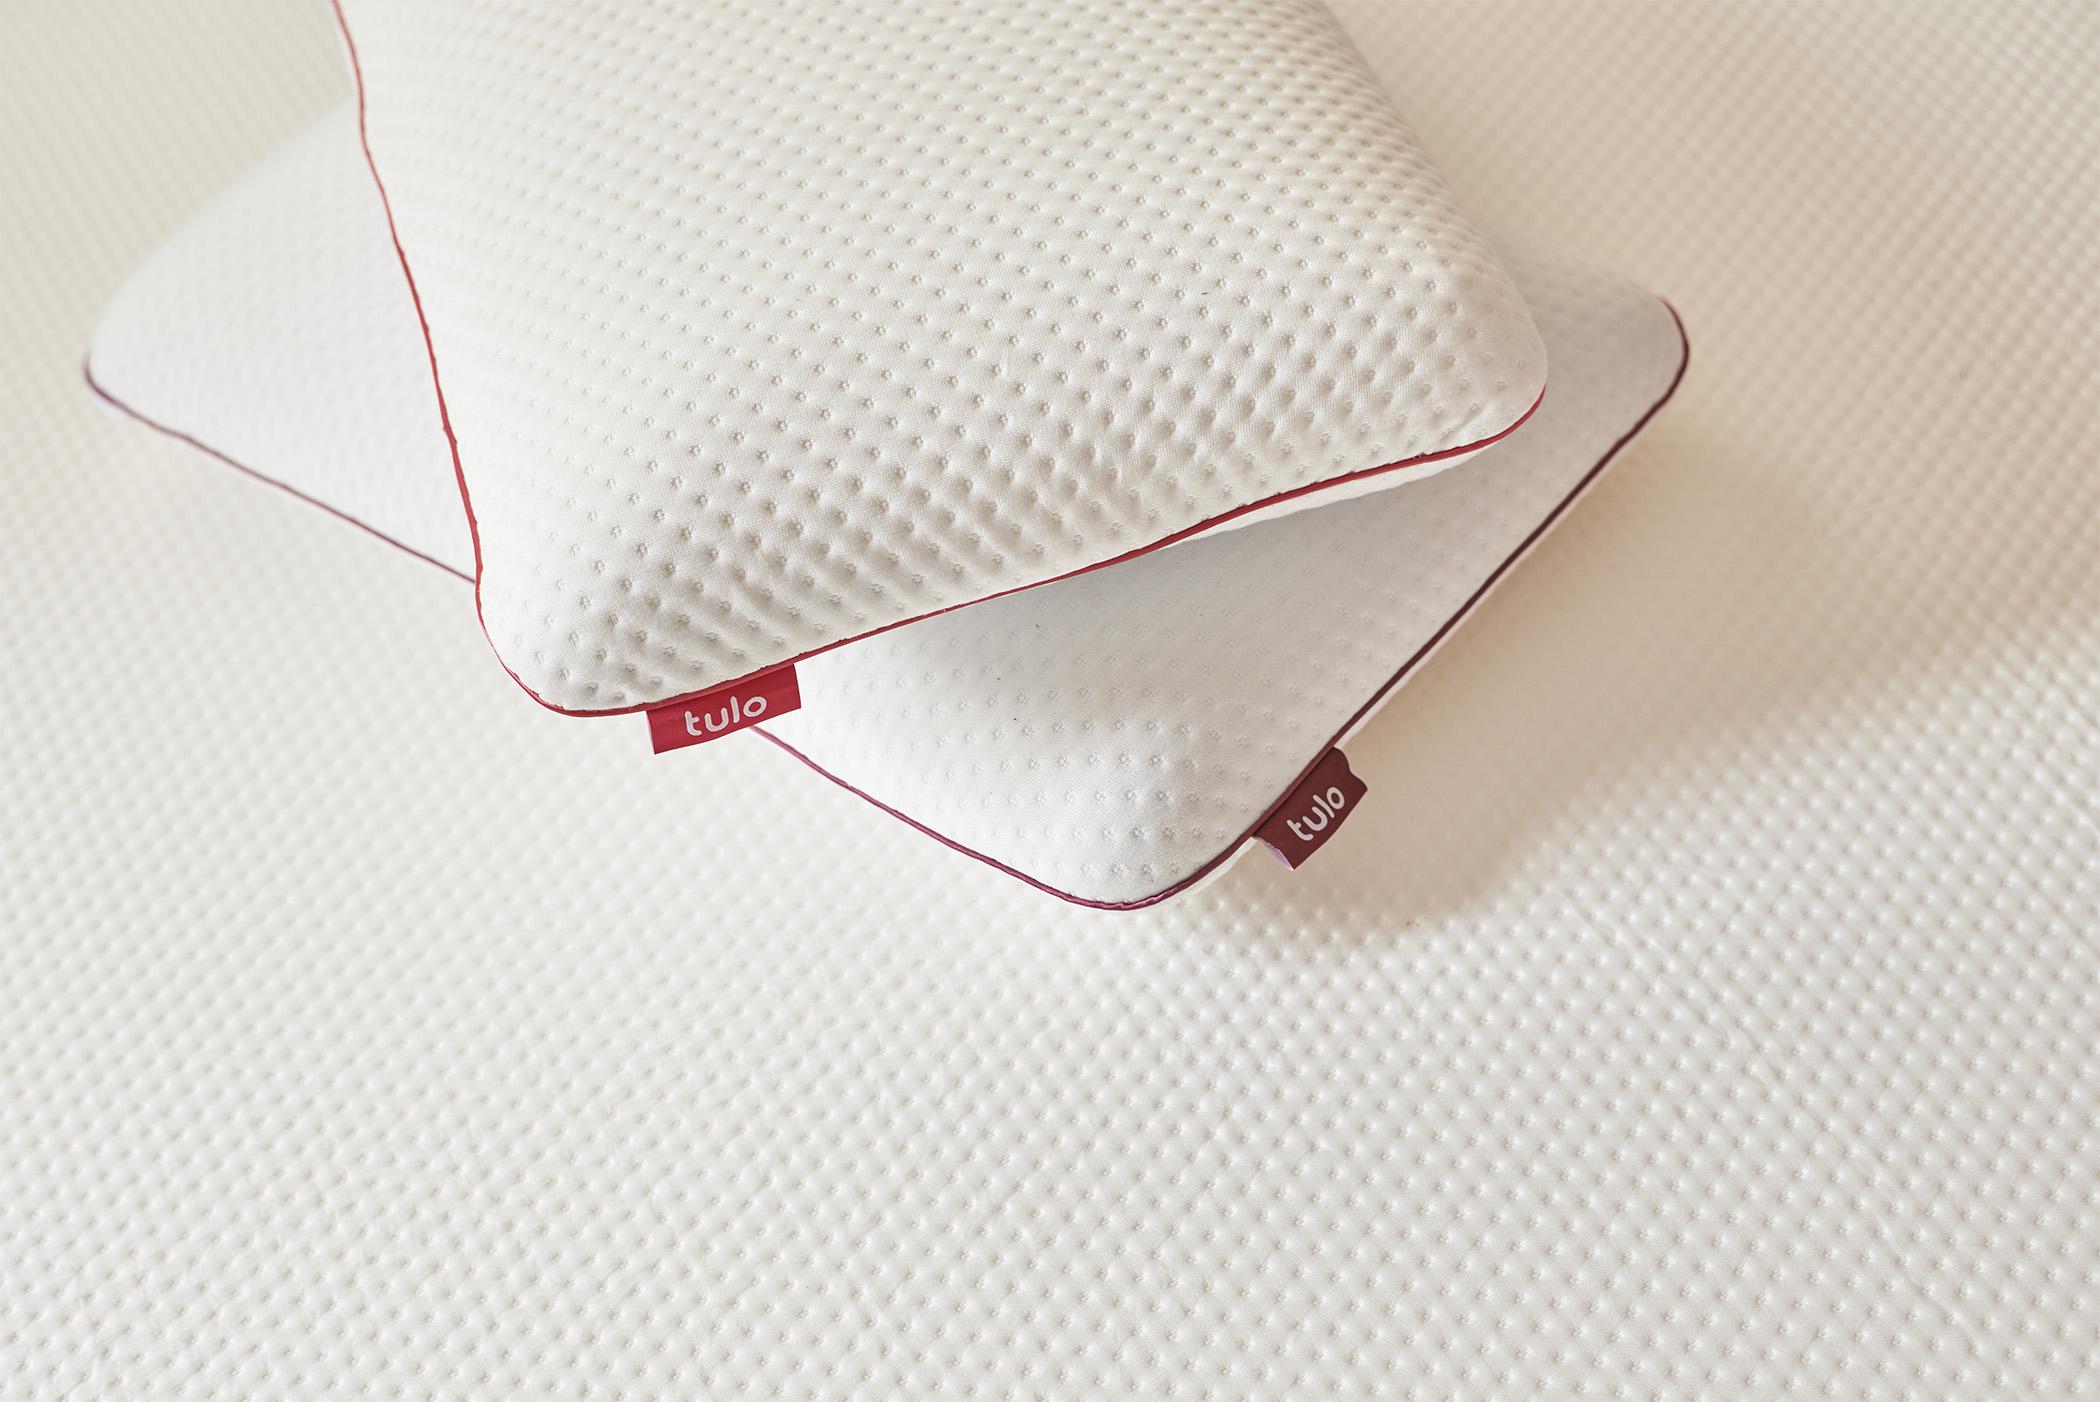 tulo pillows